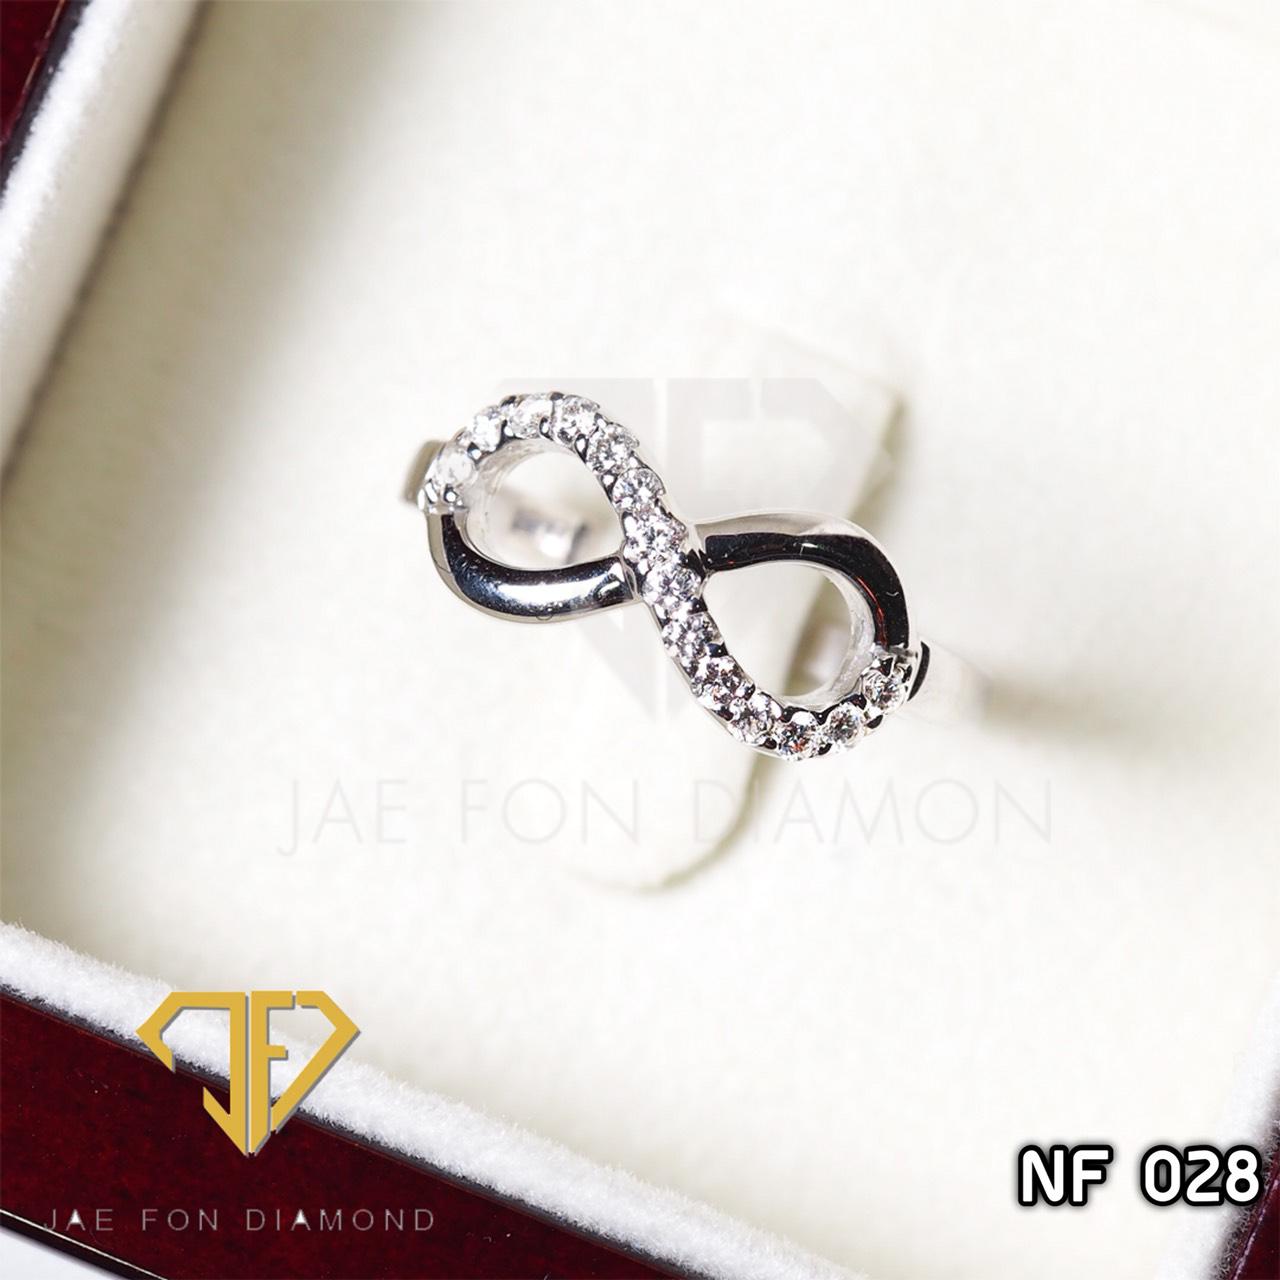 แหวนเพชรเบลเยี่ยมแท้ น้ำ98 อินฟินิตี้